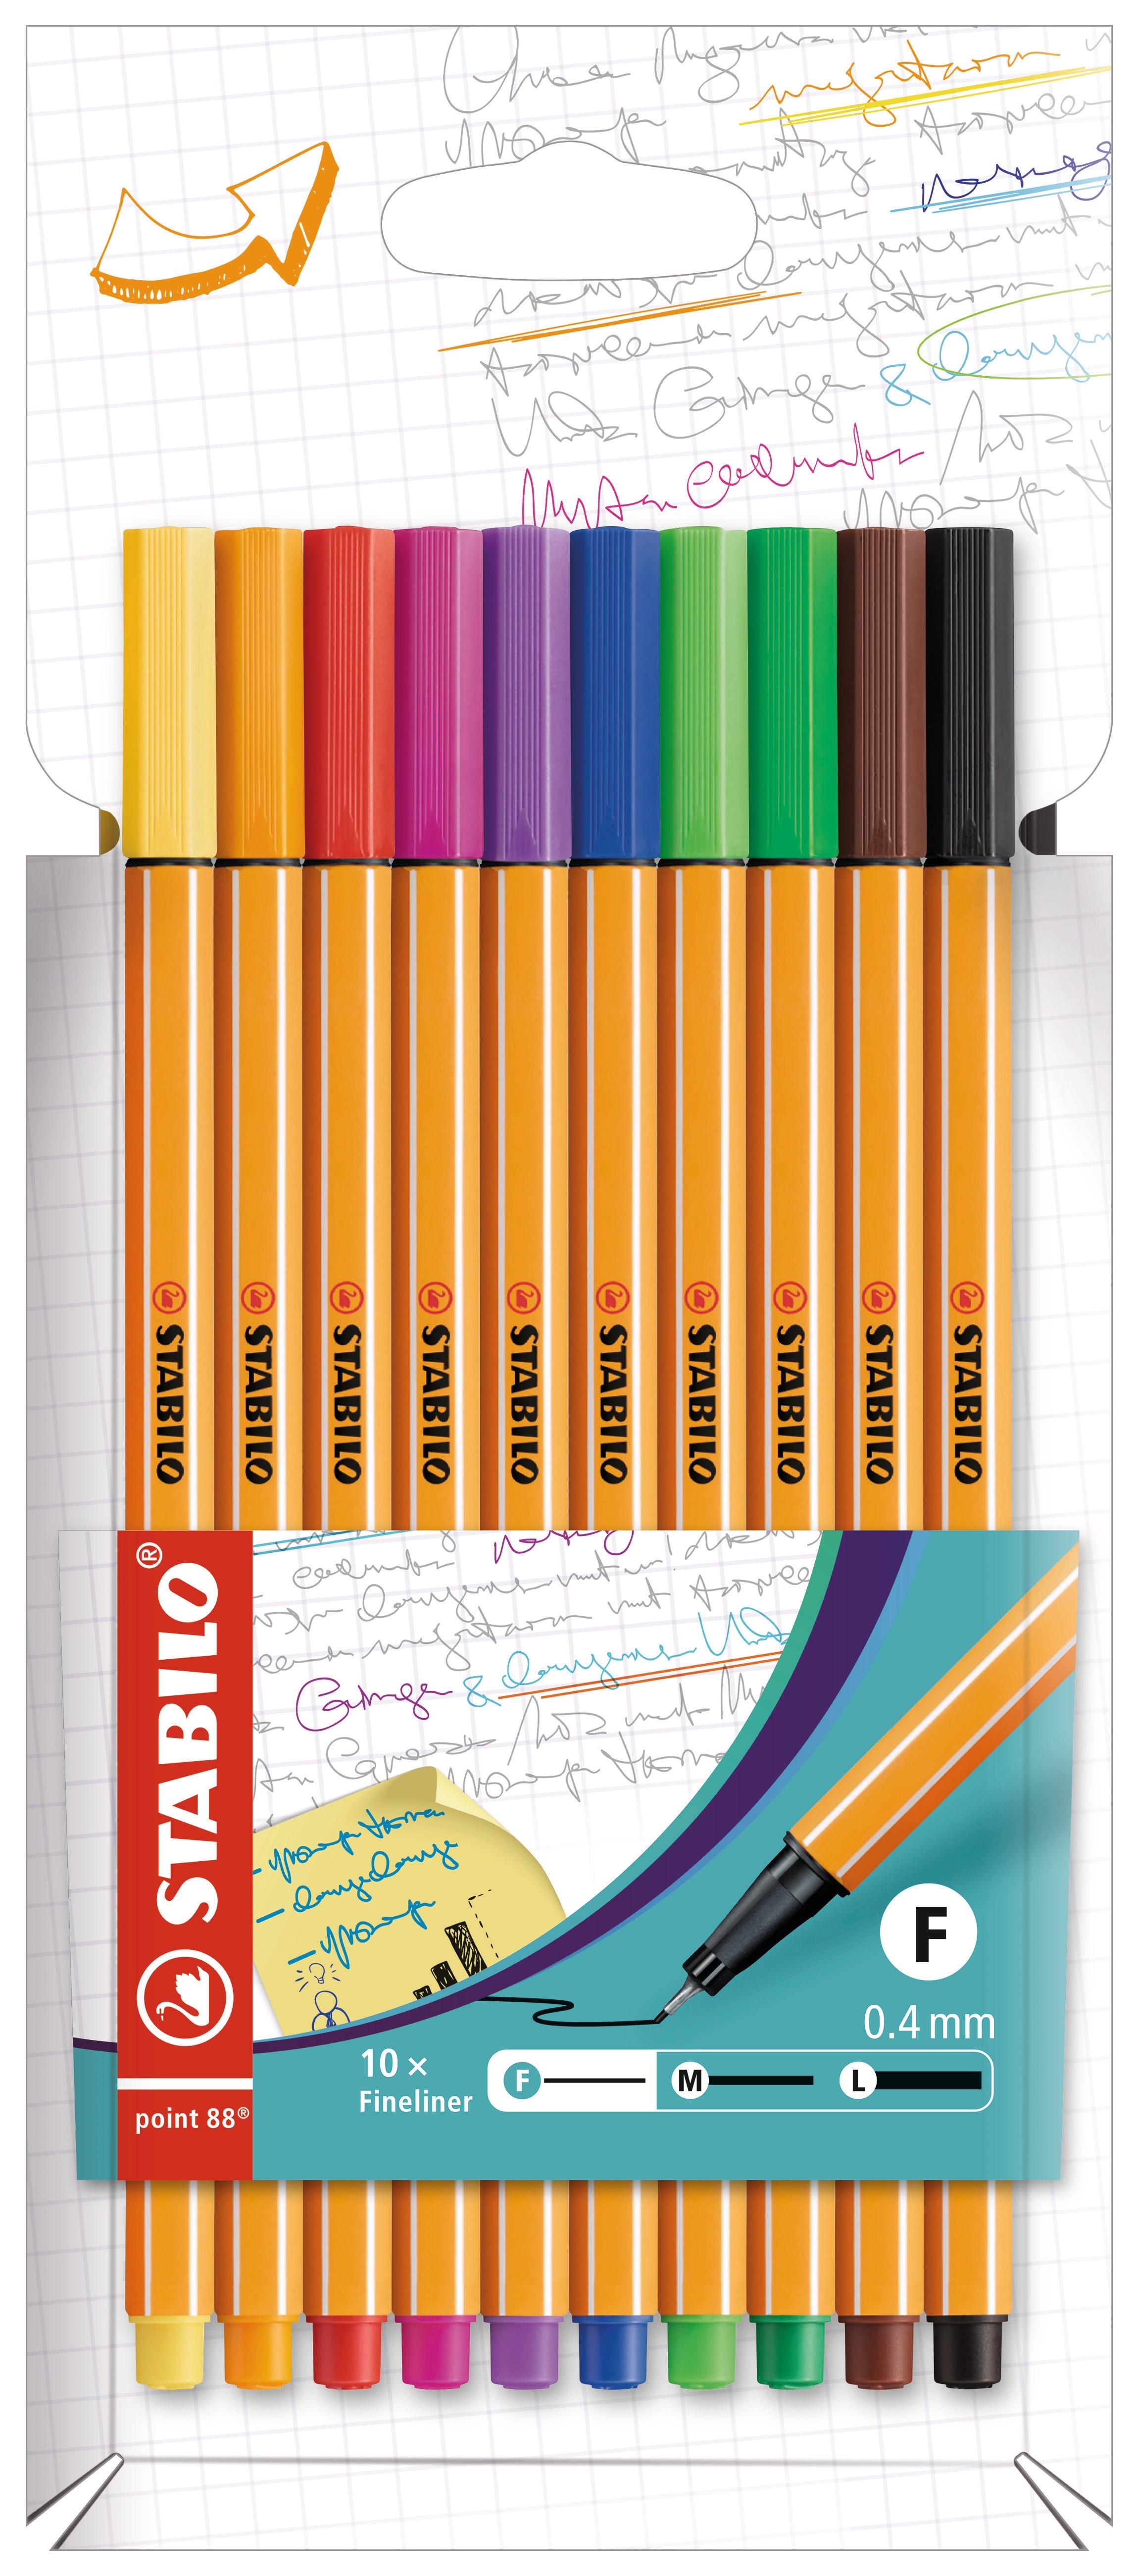 STABILO point 88 - Pack de 10 feutres fins - 0,4 mm - couleurs assorties